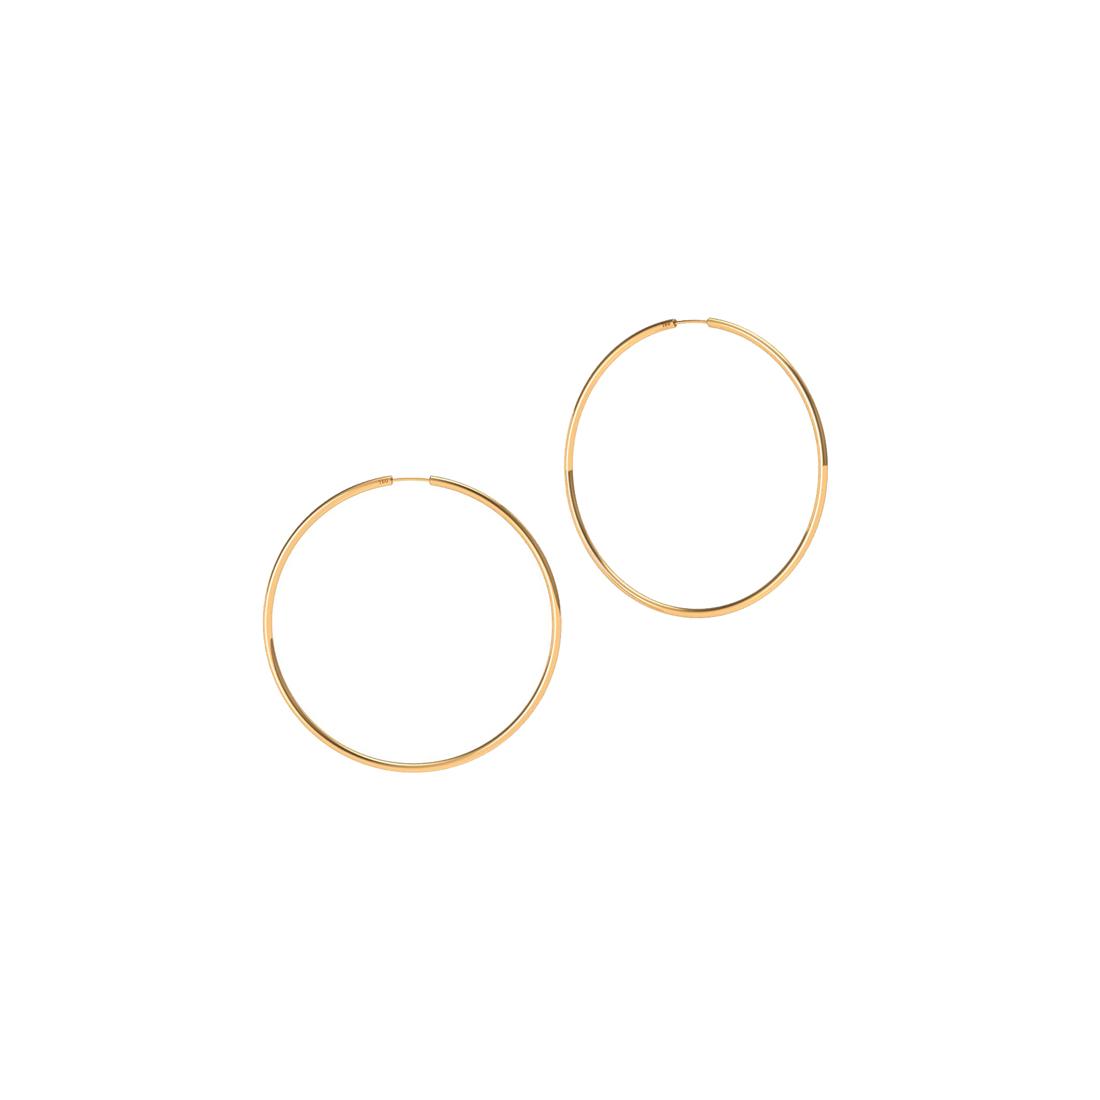 Brinco Argola 11 Milímetros Fio Redondo Unissex Ouro 18K K045 09320